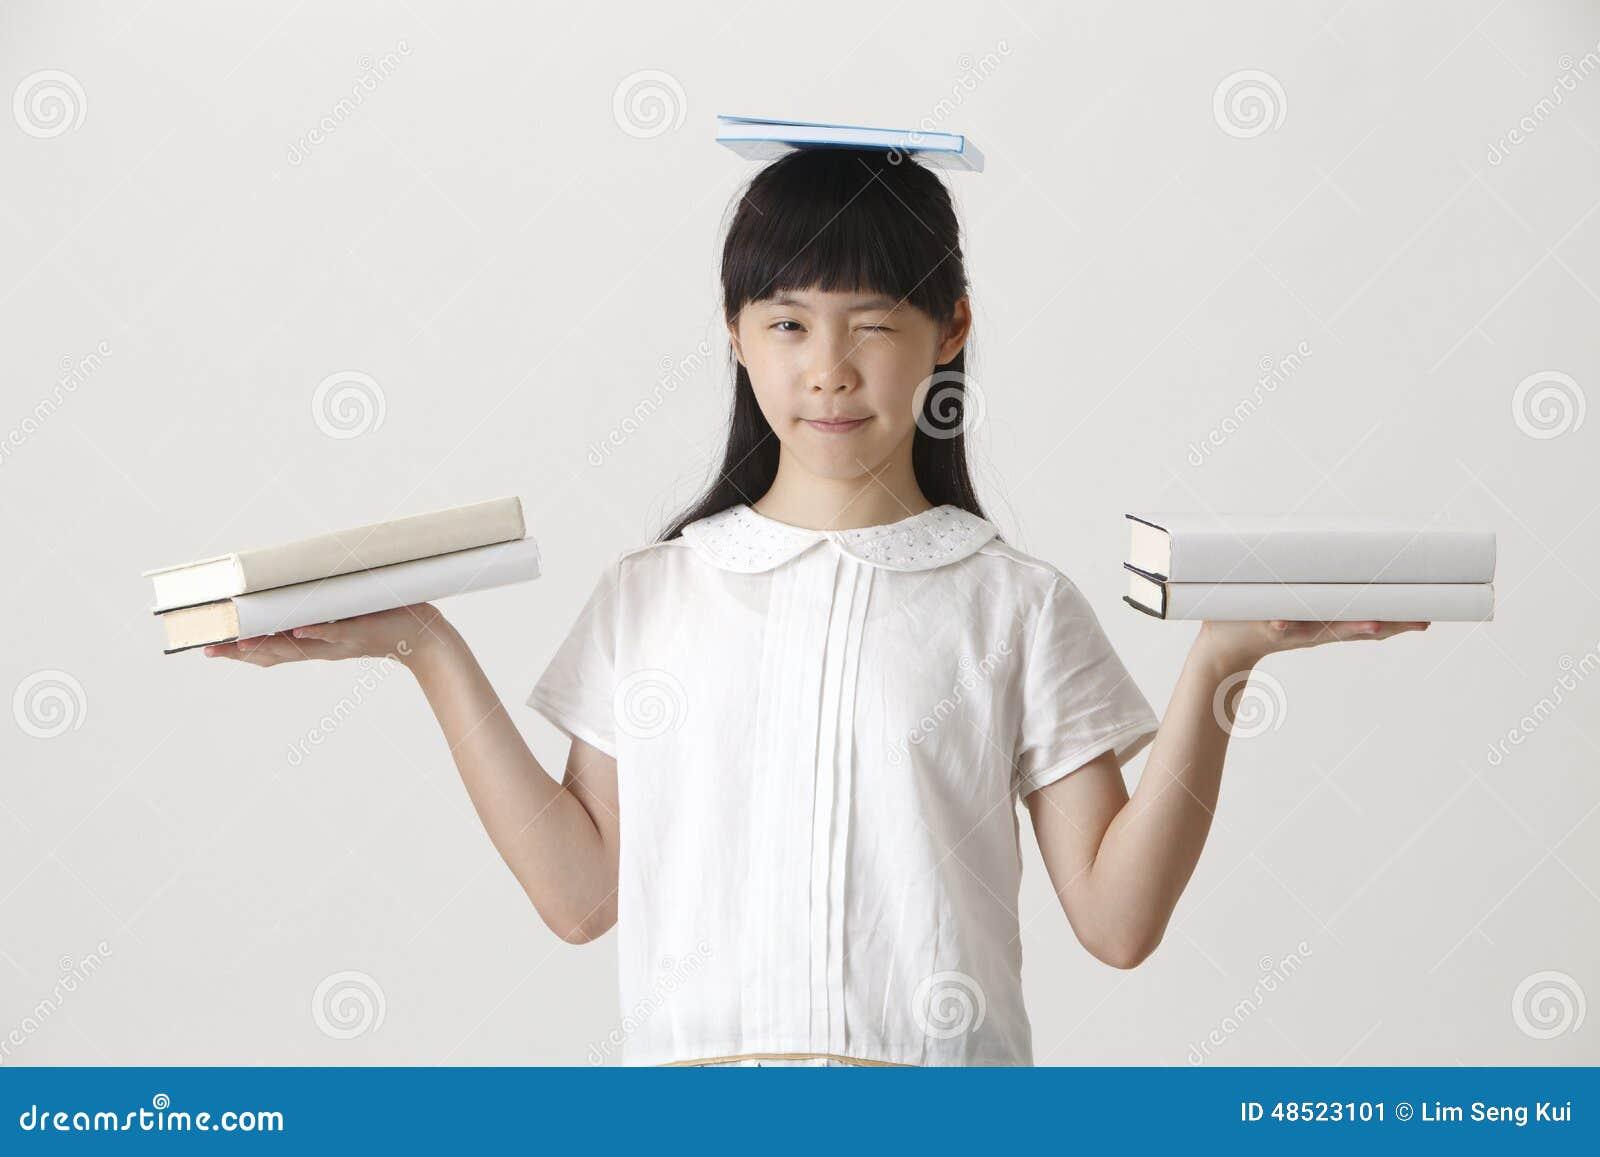 Libri sulla sua testa